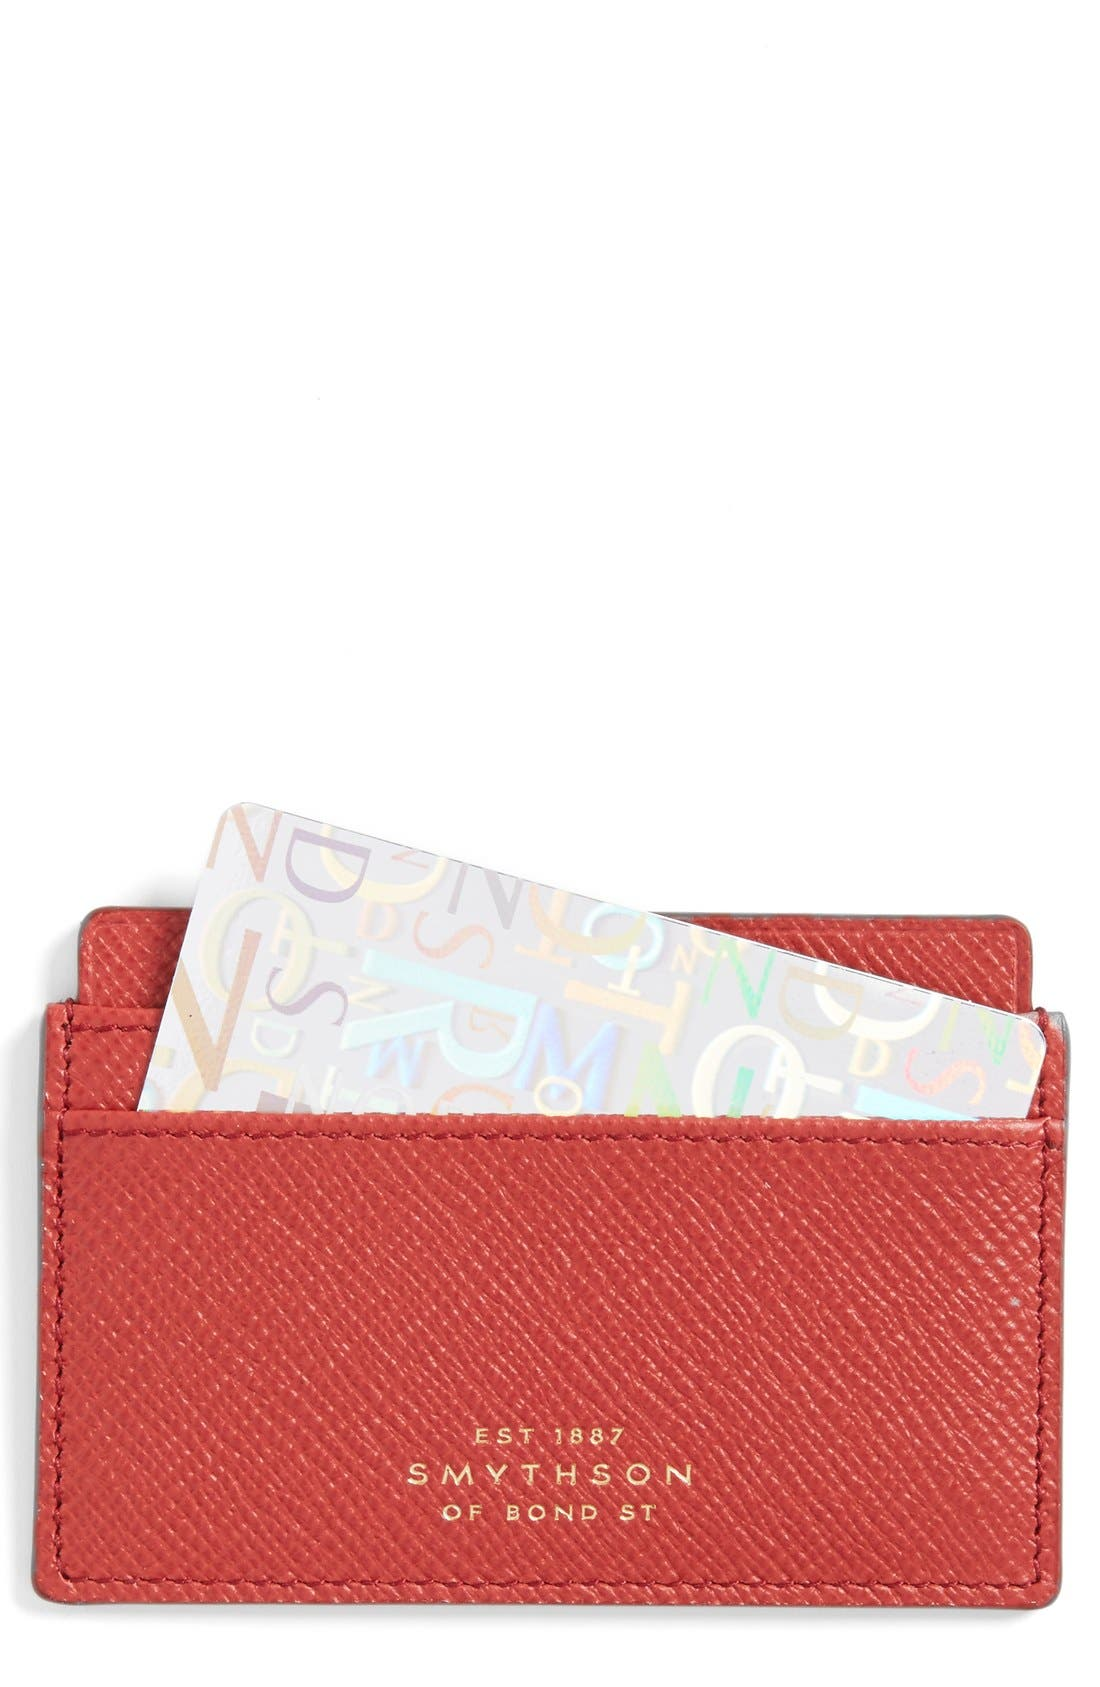 Alternate Image 1 Selected - Smythson 'Panama' Leather Card Case